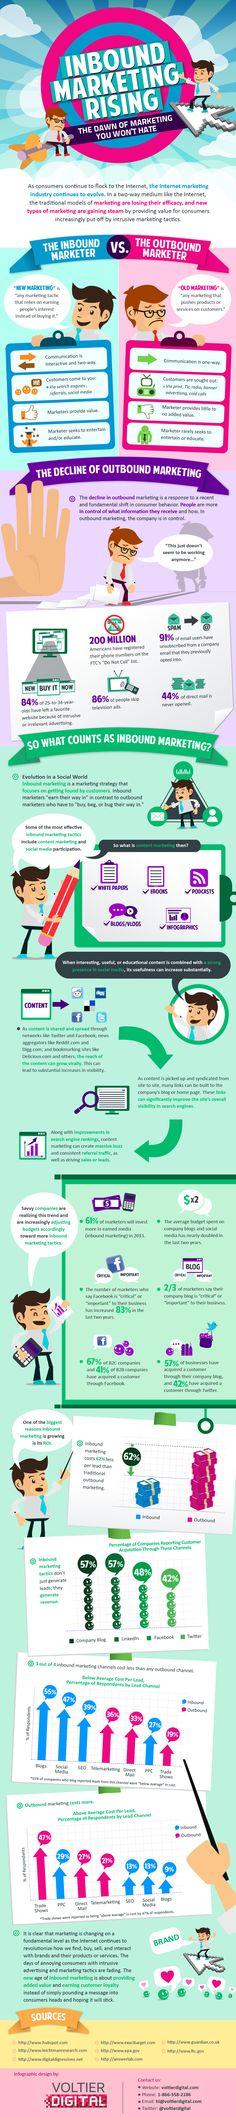 Inbound Marketing vs. Outbound Marketing #Marketing